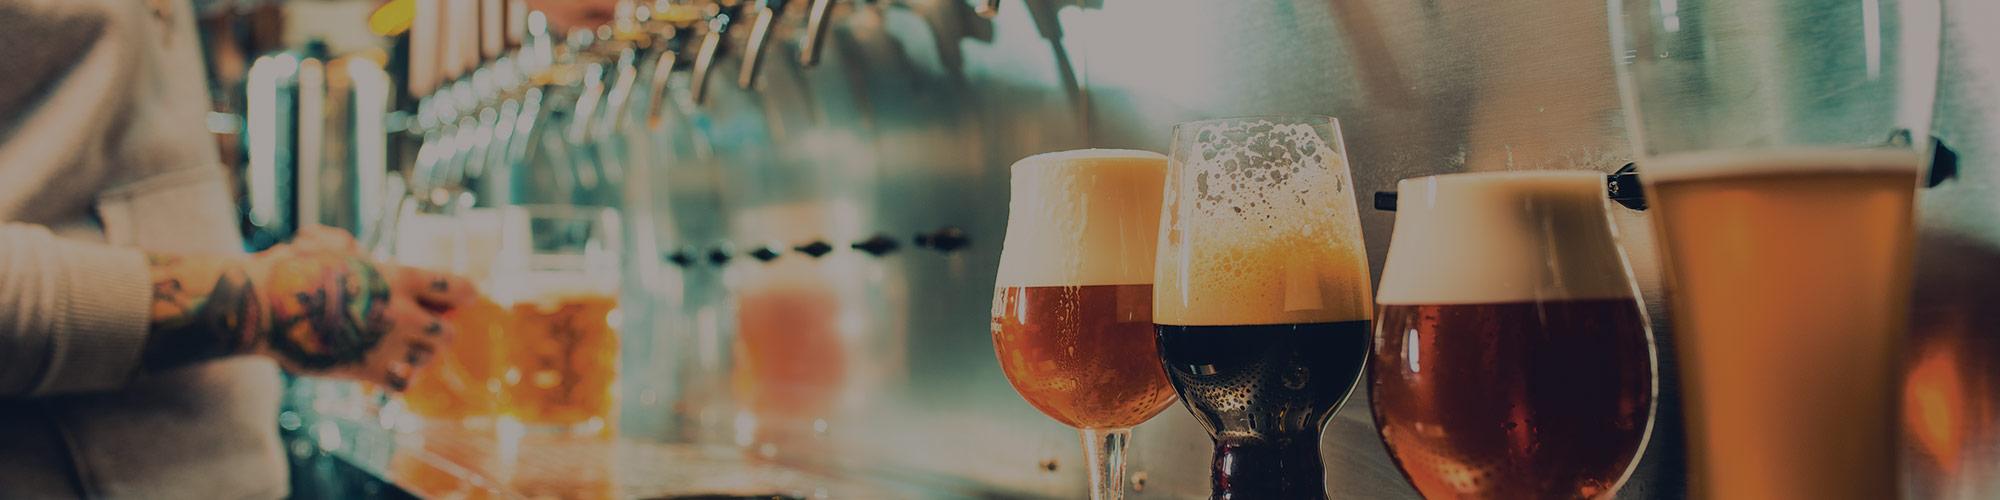 Boulevard-Beer-Hero